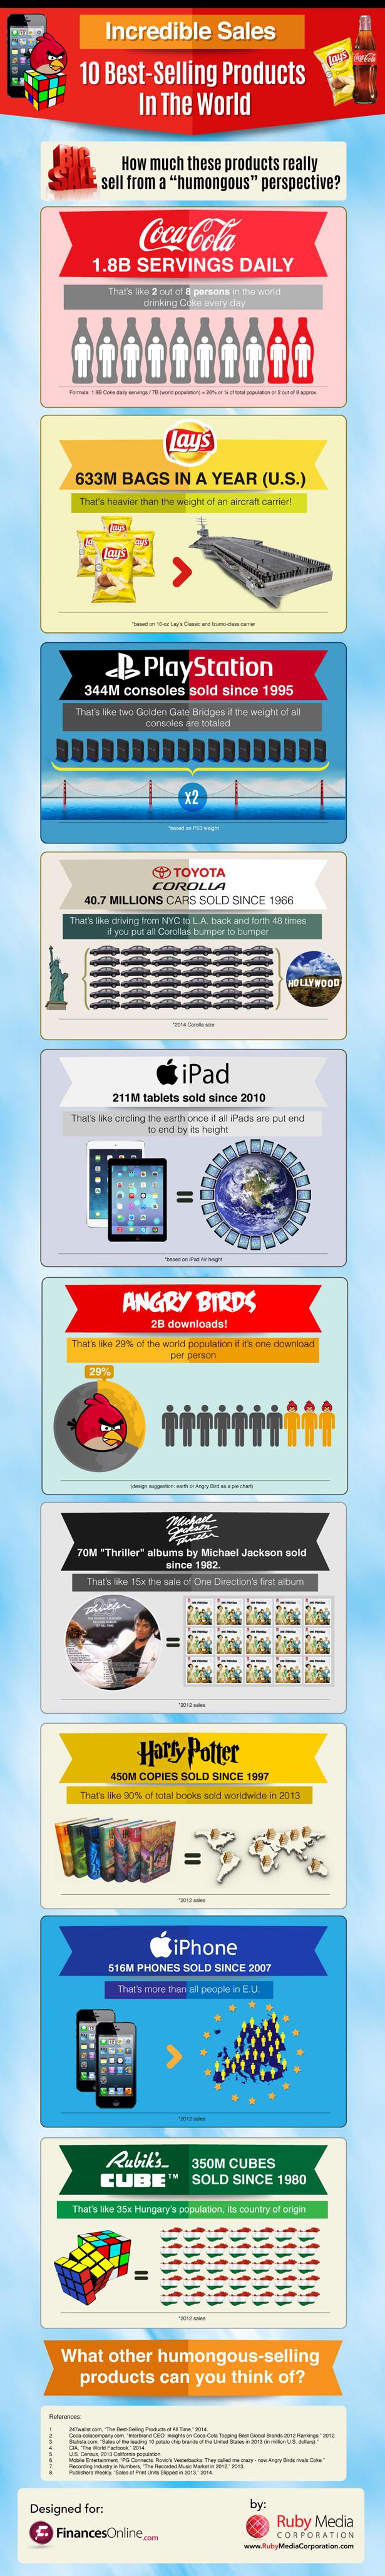 infografico-produtos-mais-vendidos-no-mundo